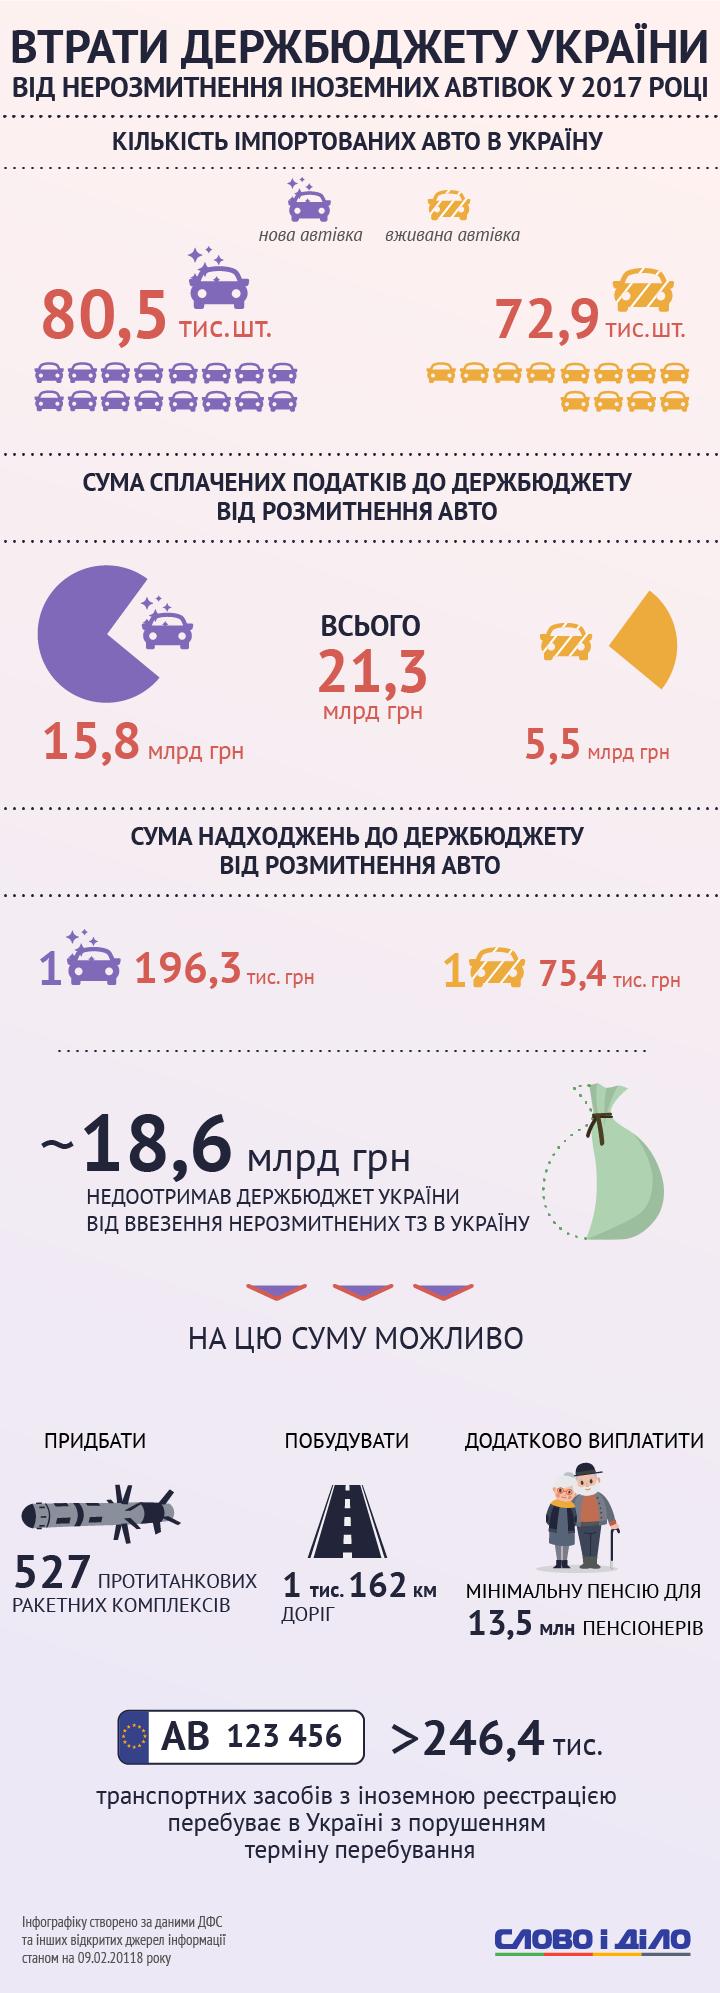 Сколько потерял бюджет Украины